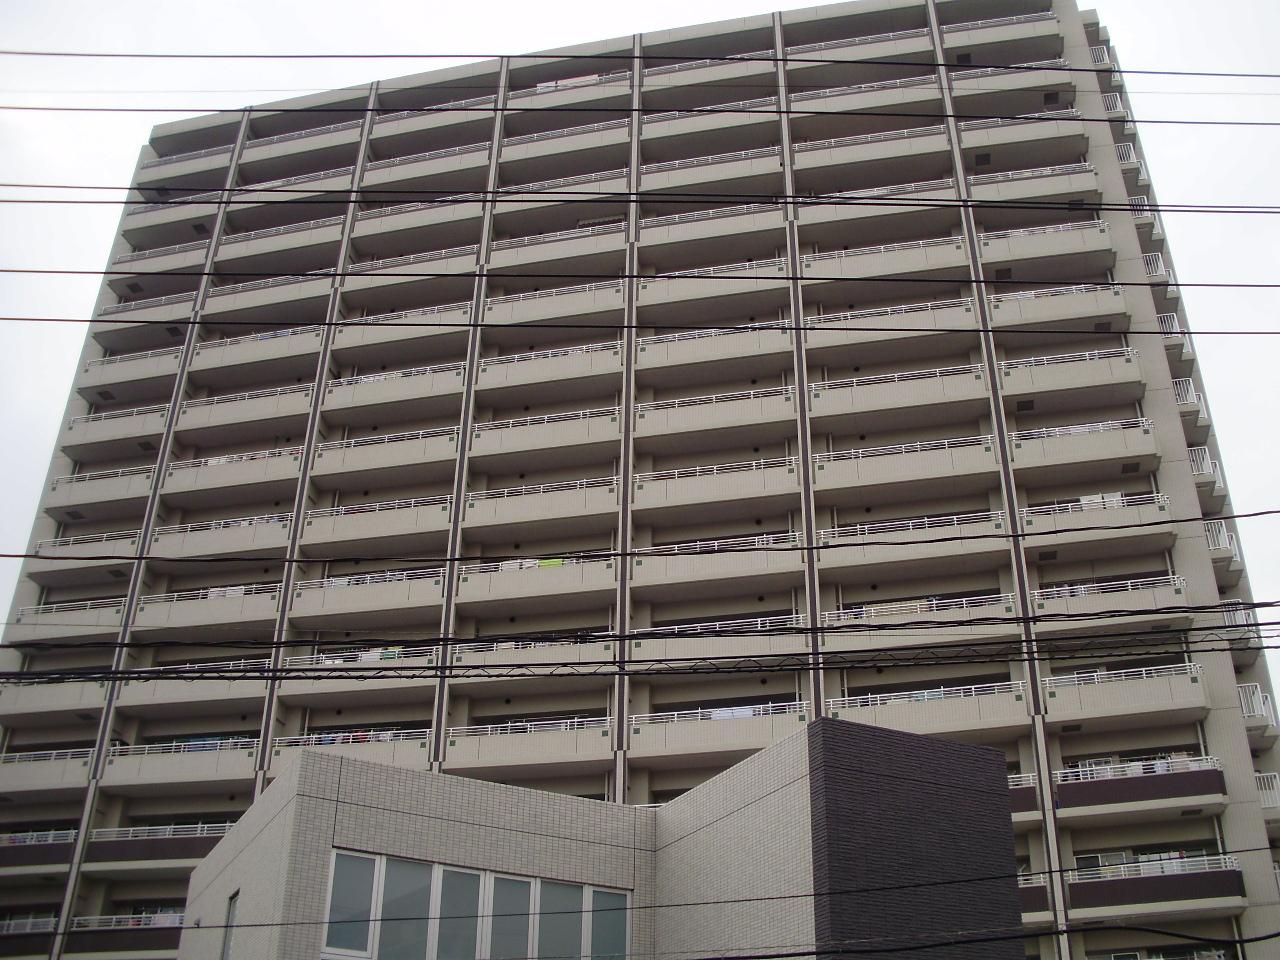 ザ・パークハウス府中南(1室所有)